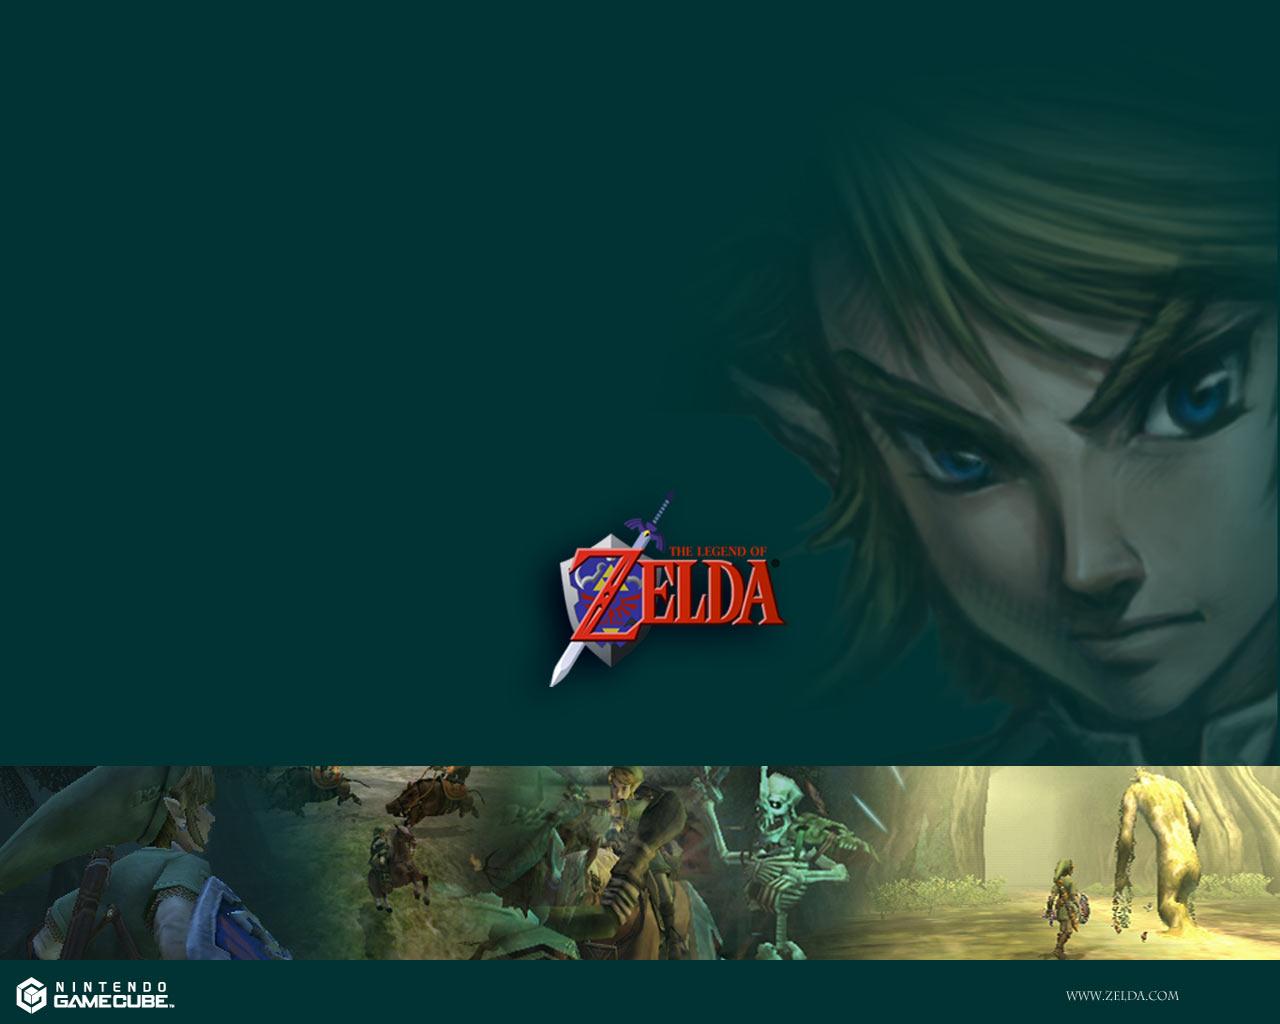 Zelda 1280x1024